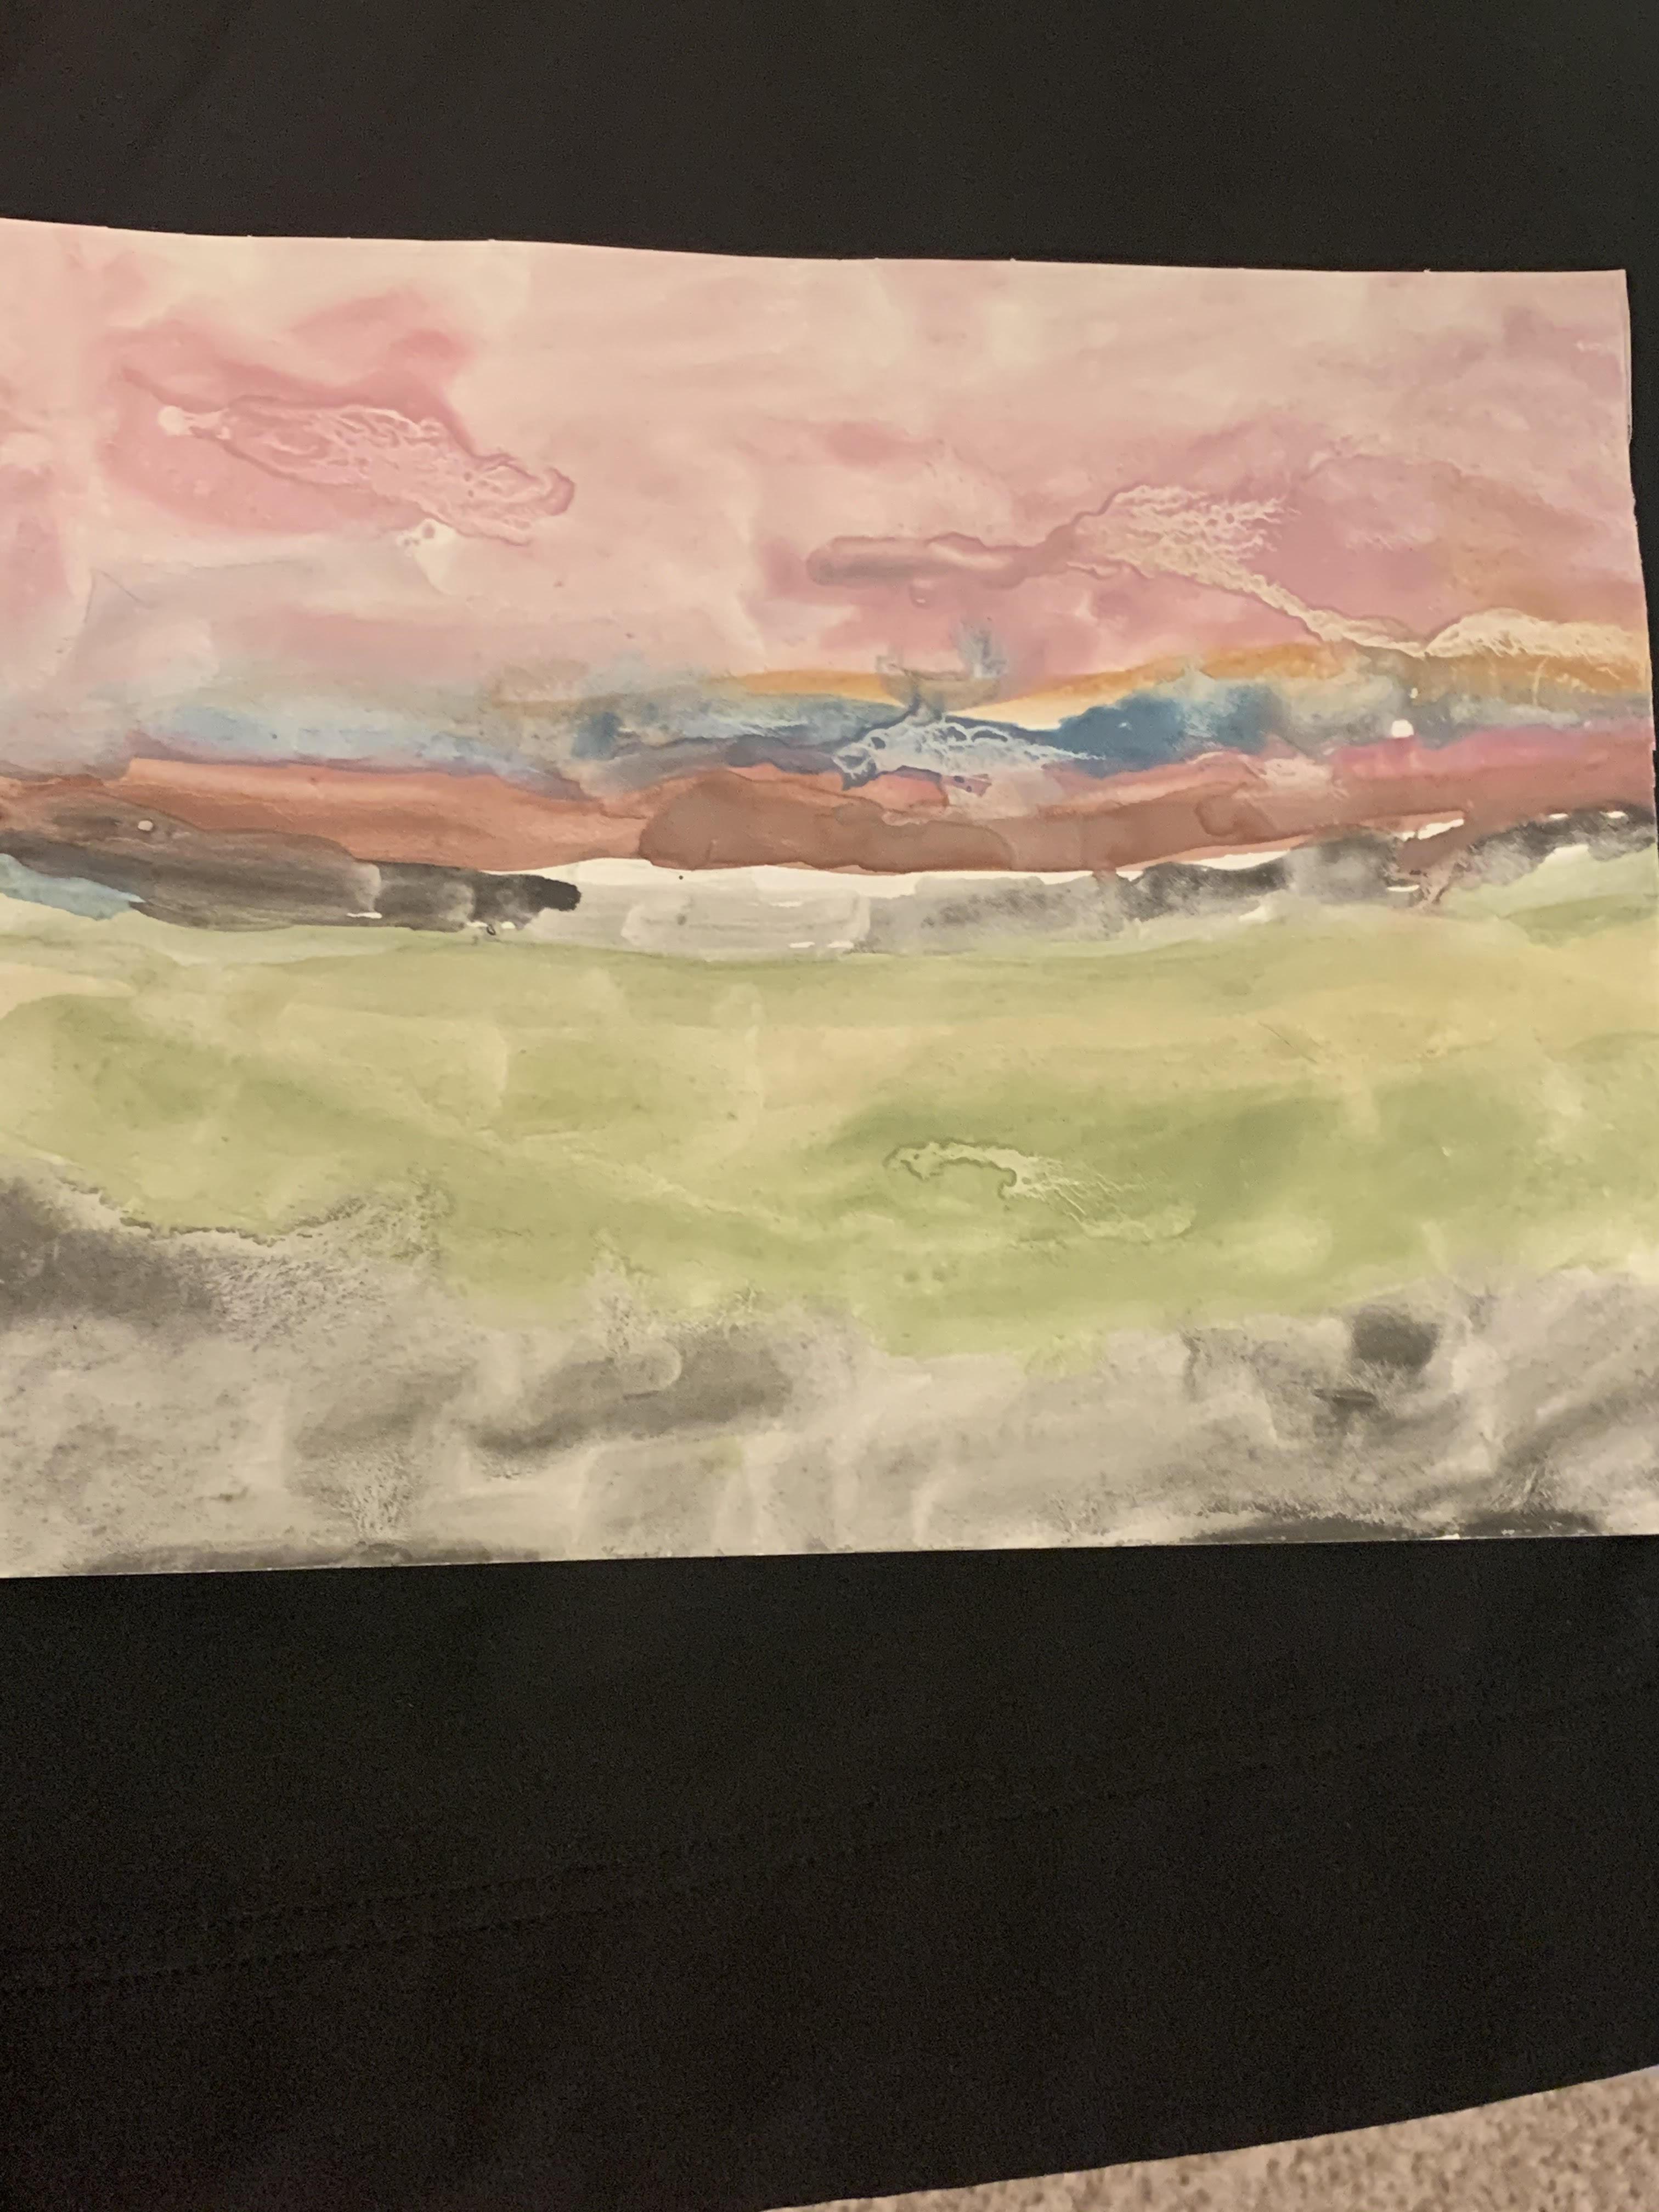 Landscape by Jiya Sherpa Chauhan